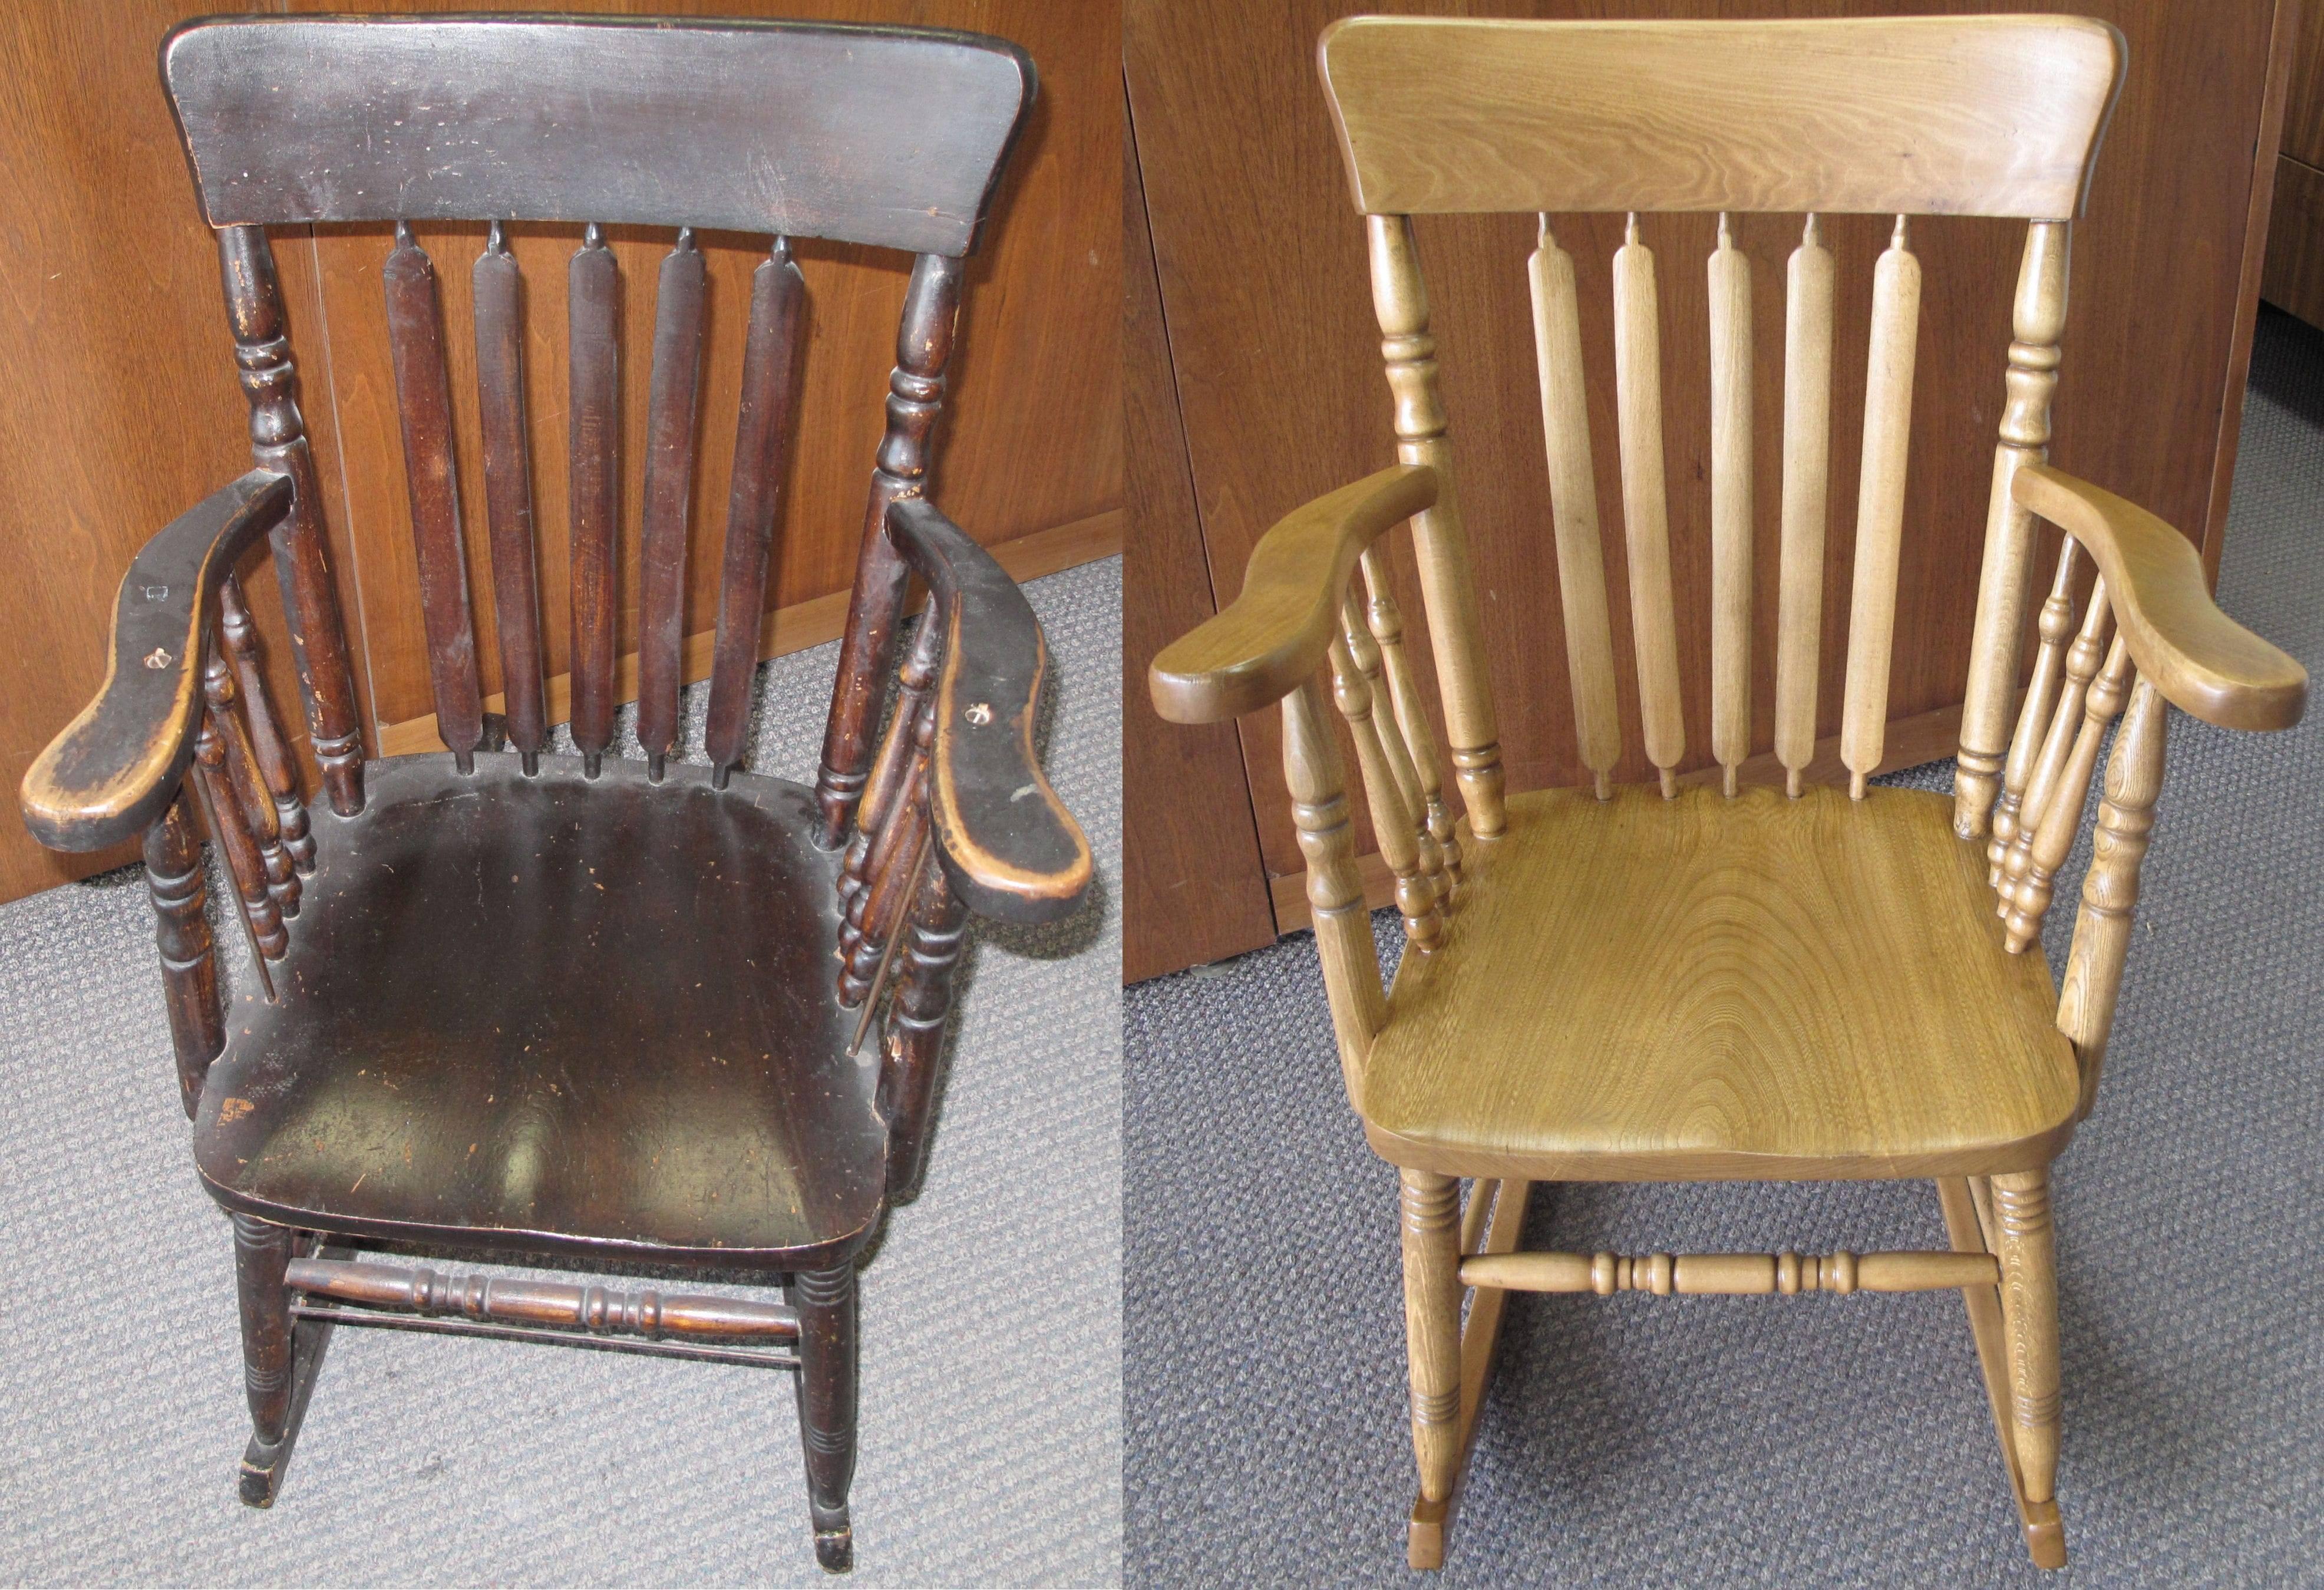 Реставрация старых стульев своими руками (венских, деревянных, мягких): мастер-класс и фото идей